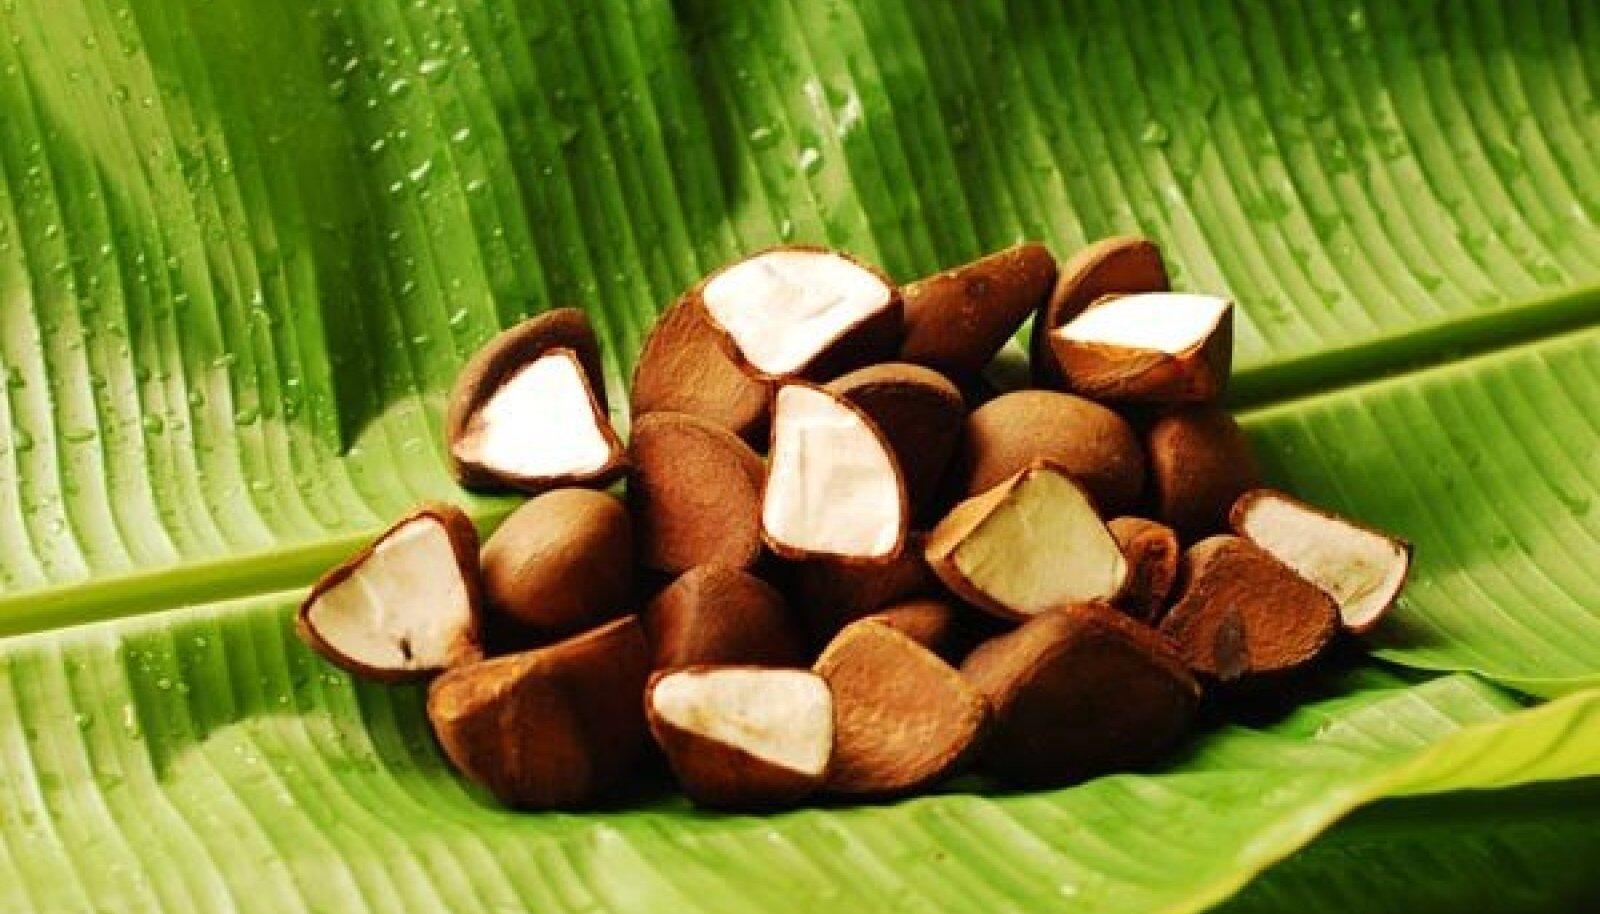 Andiroobapähklid